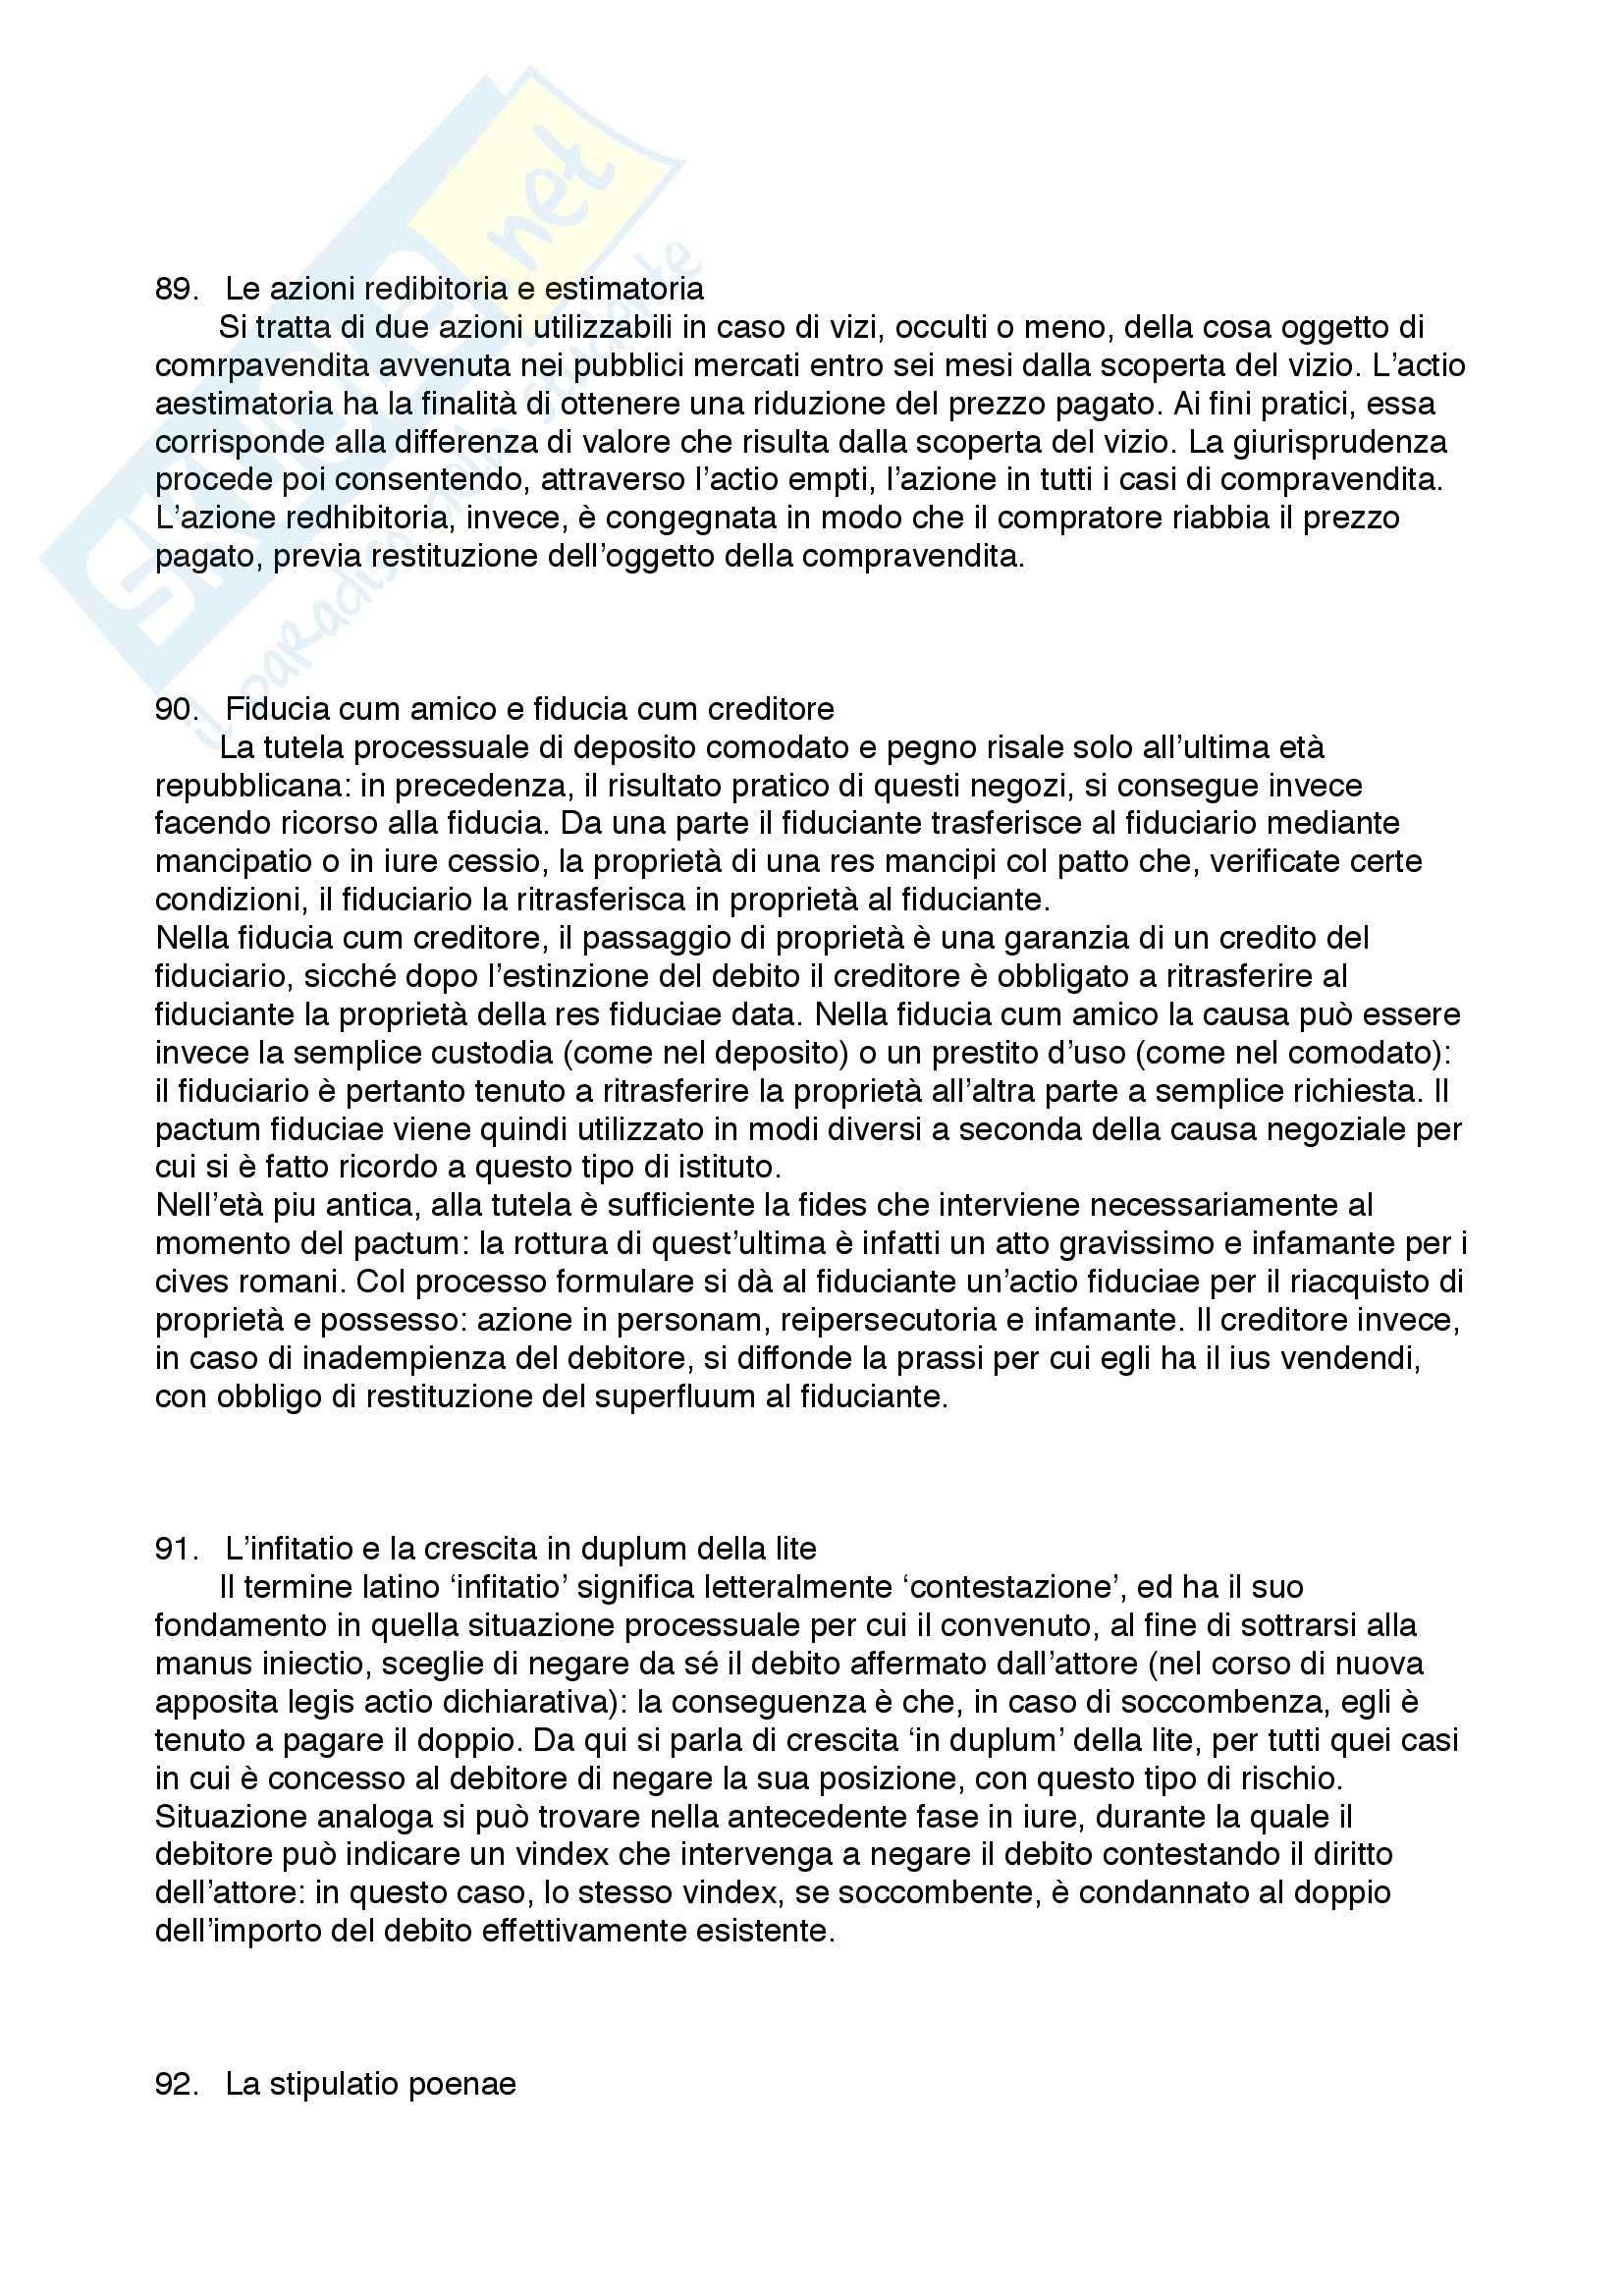 Diritto privato romano - 100 Domande e Risposte - Programma completo - Università di Torino Pag. 41